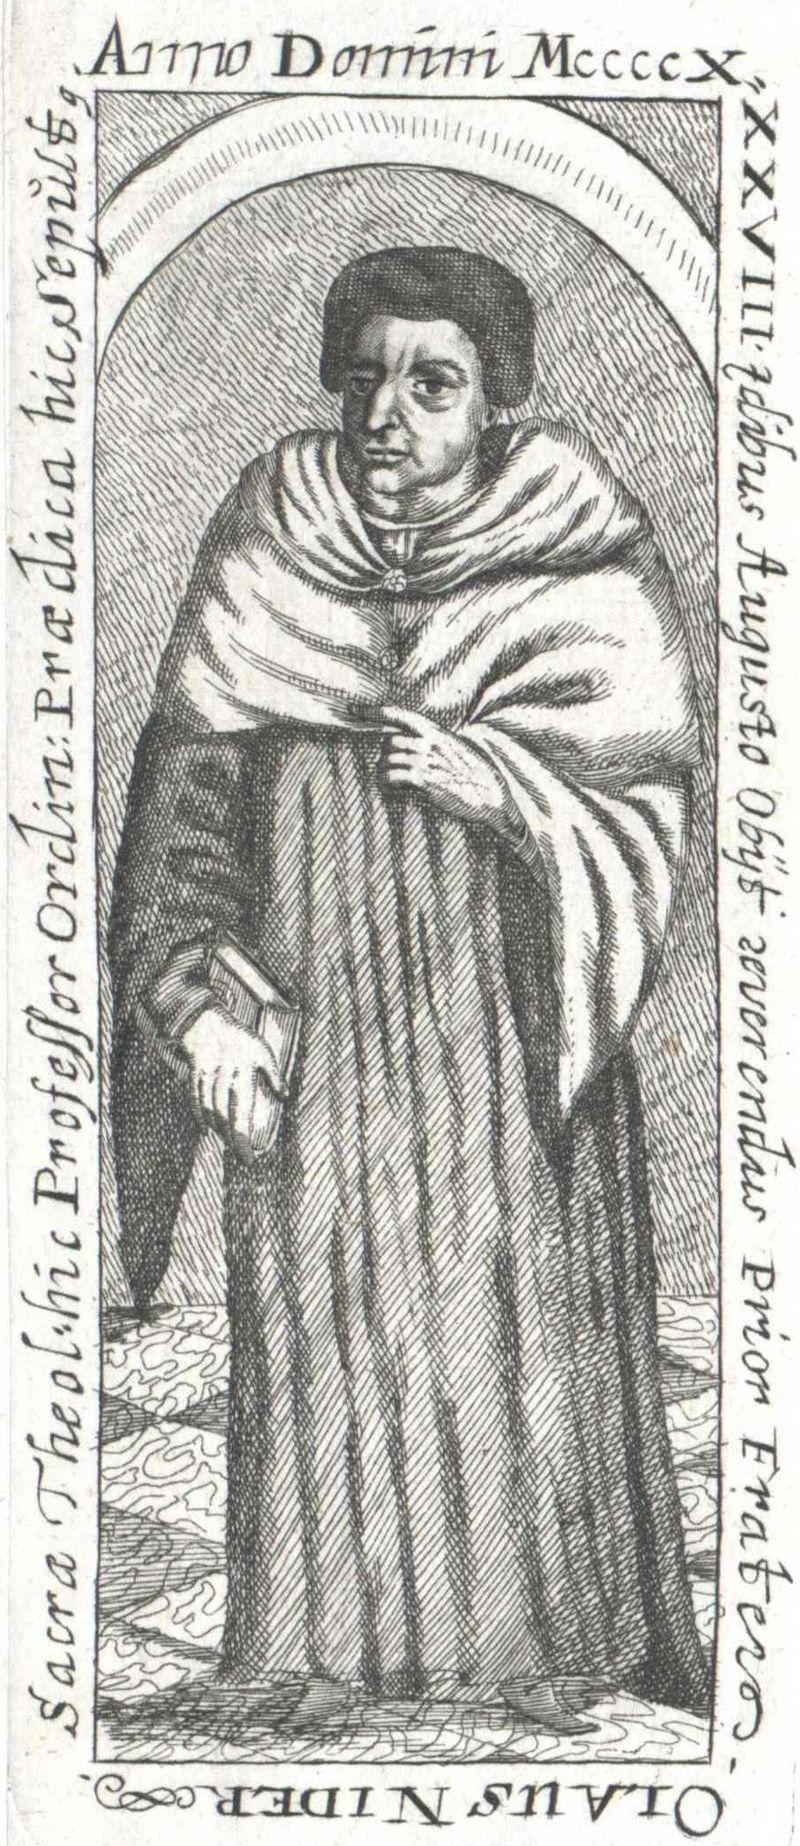 Johannes Nider - Der Dominikaner sammelt Berichte über Hexen